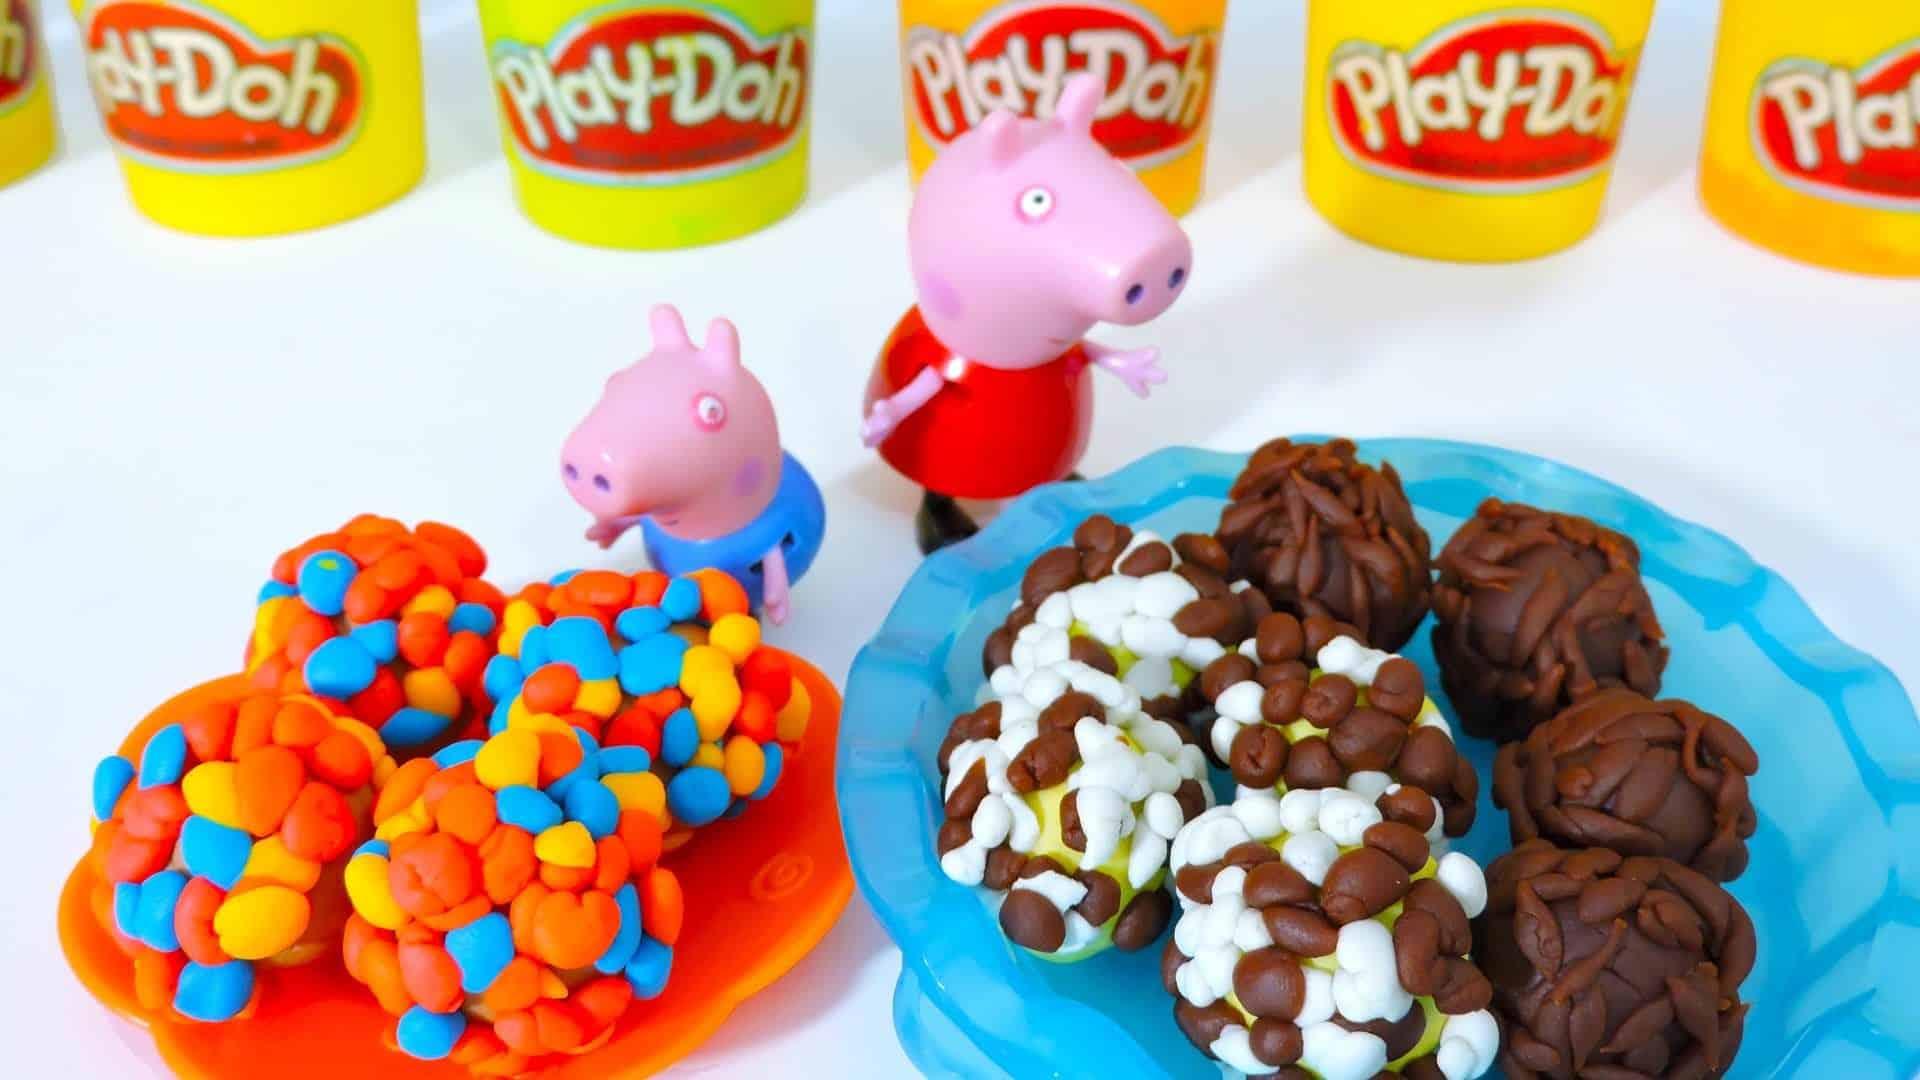 PEPPA PIG GEORGE fazendo BRIGADEIRO e outros DOCINHOS com Massinha Play Doh  para Festa Surpresa!!! - Vivendo de Brigadeiro